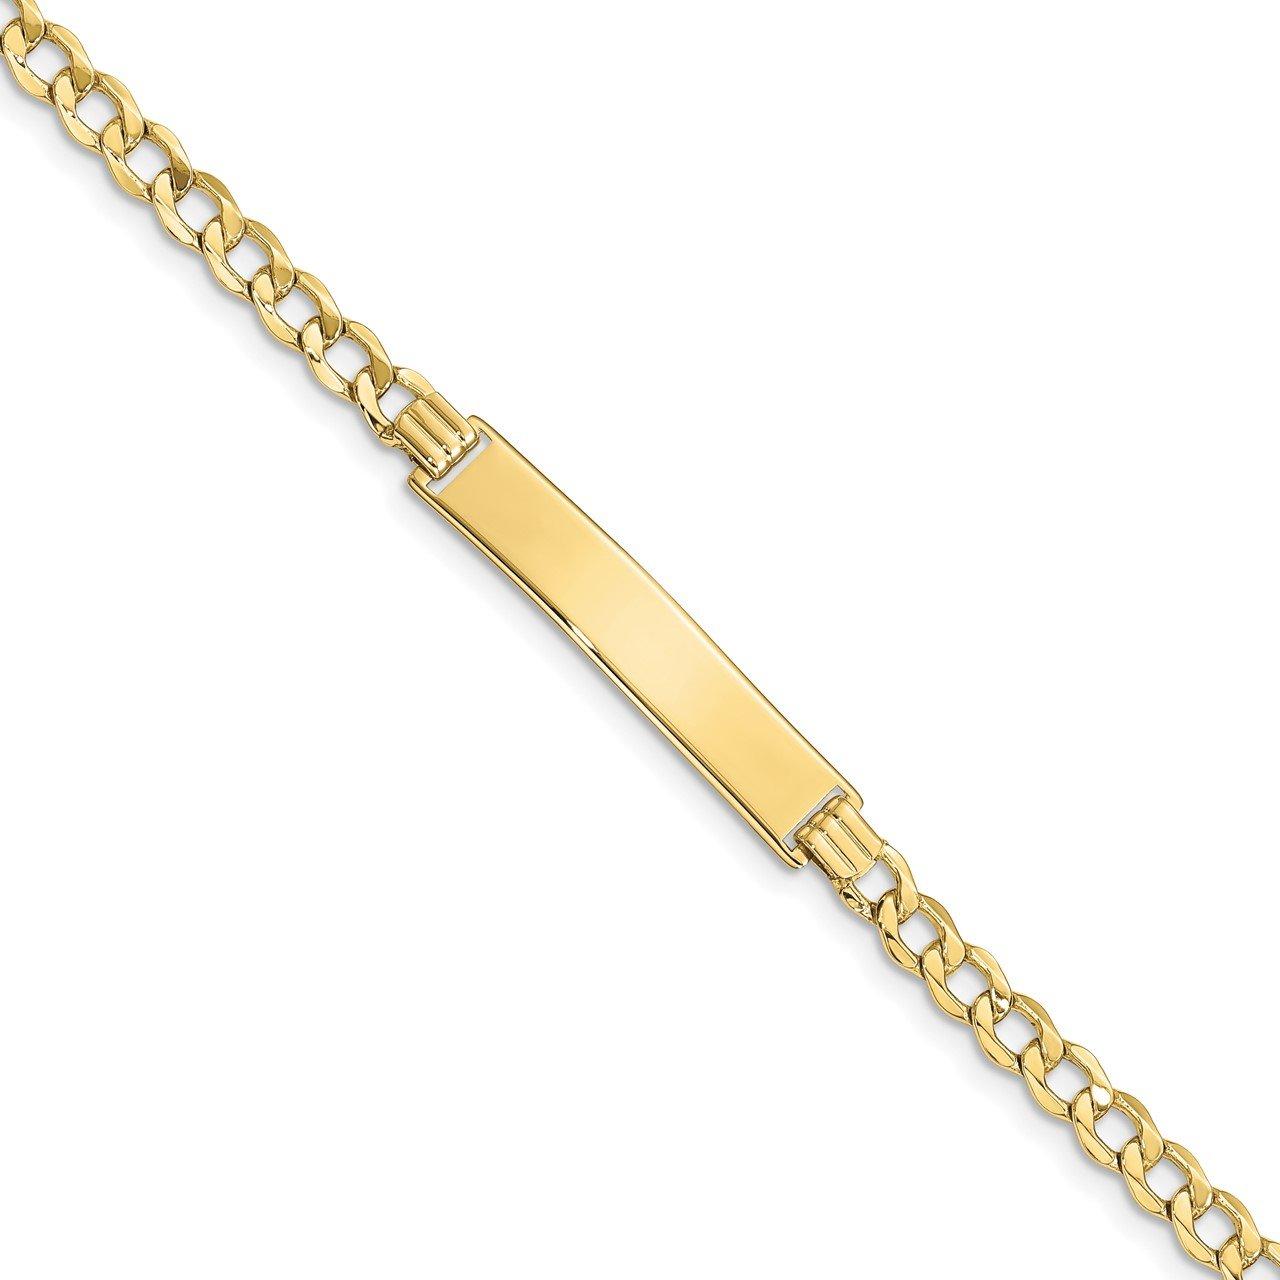 10k Semi-solid Curb Link ID Bracelet